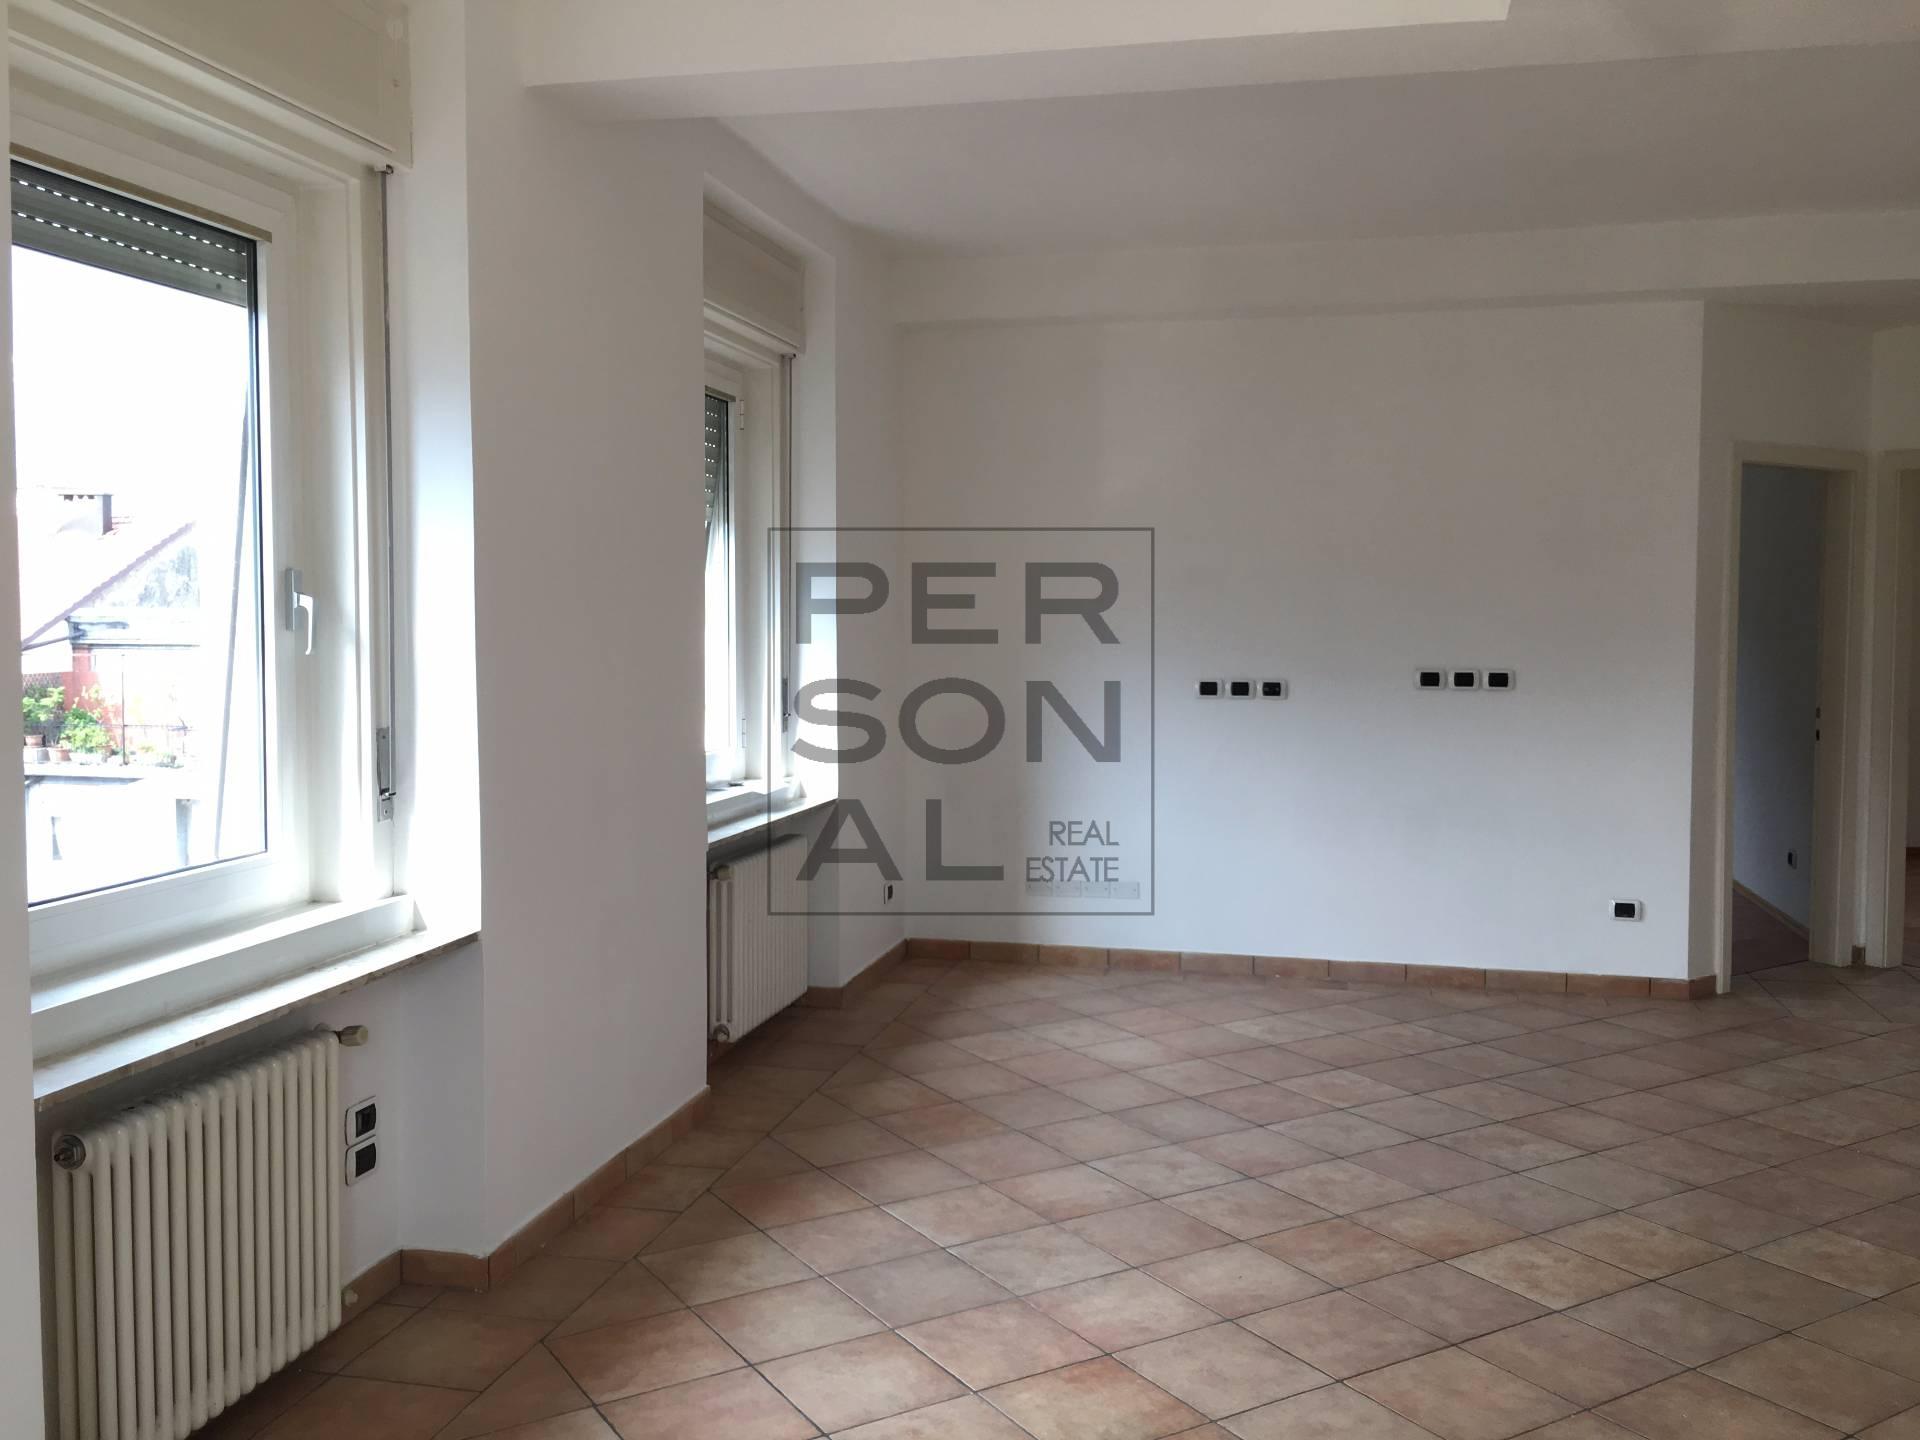 Appartamento in affitto a Trento, 5 locali, zona Località: Centrostorico, prezzo € 800 | CambioCasa.it